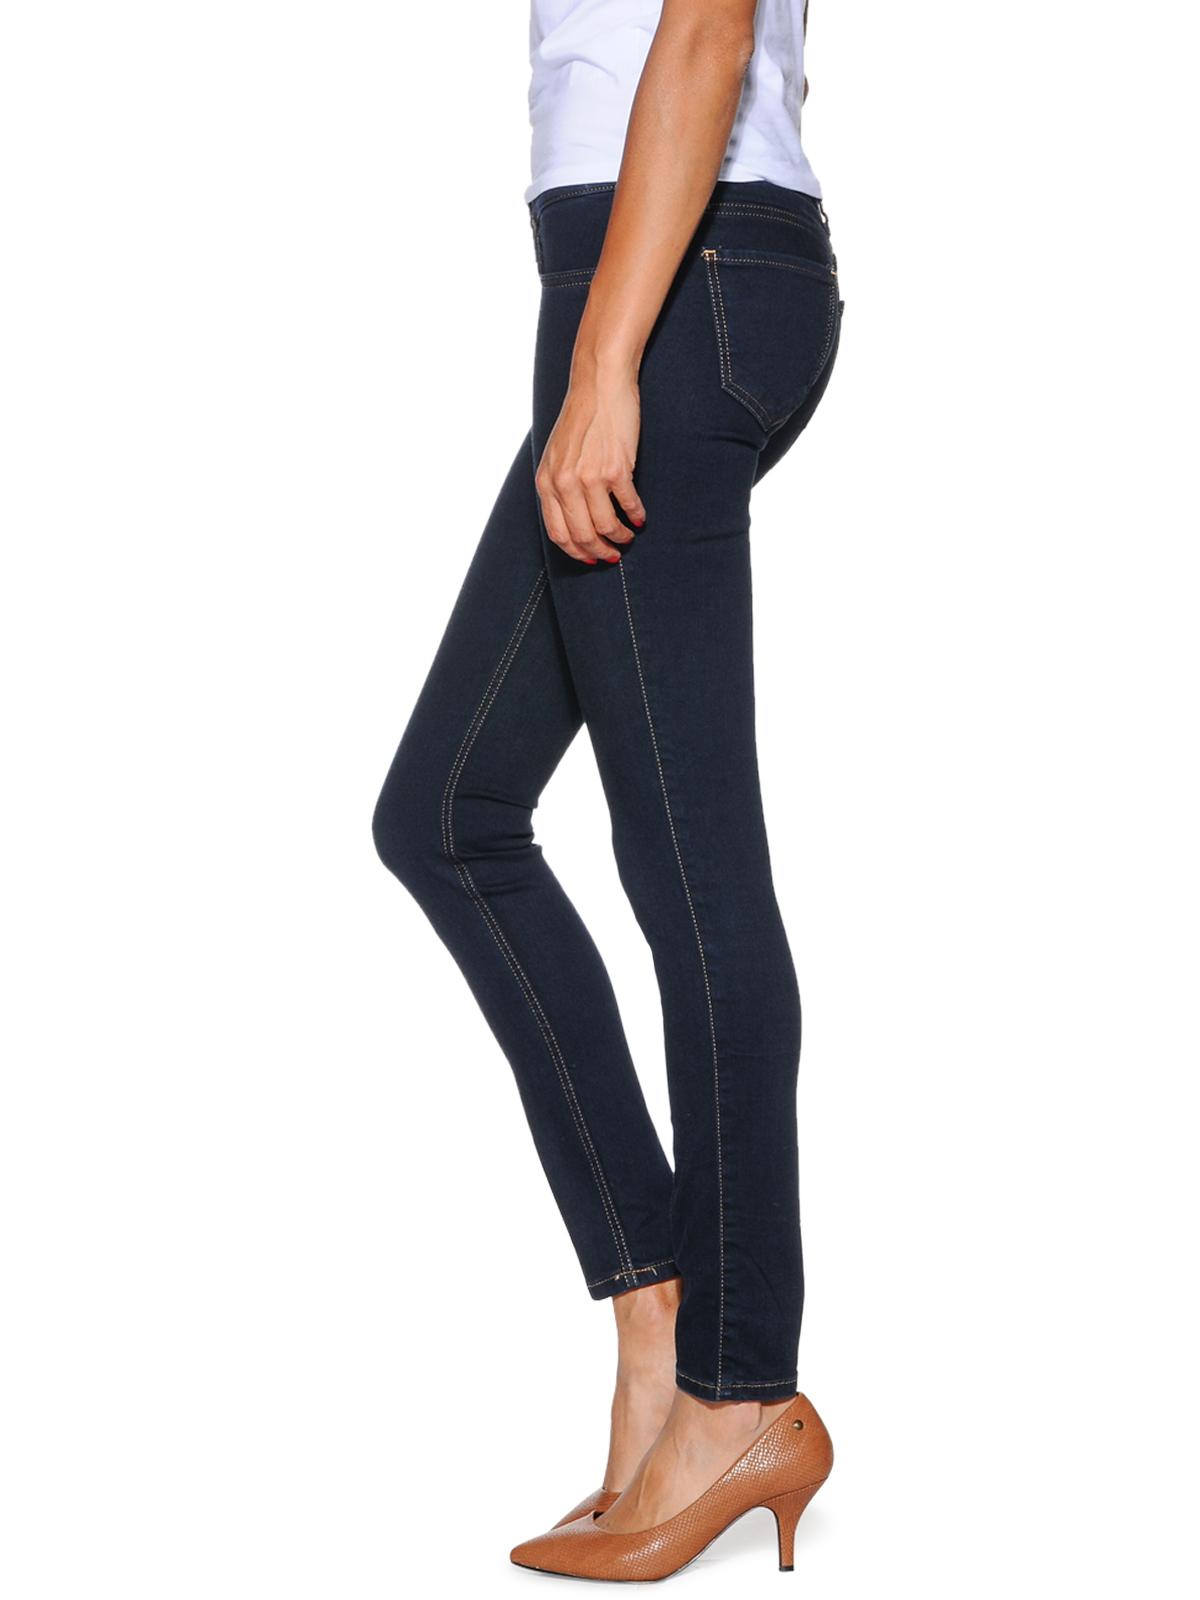 LTB Spijkerbroek in blauw voor Dames